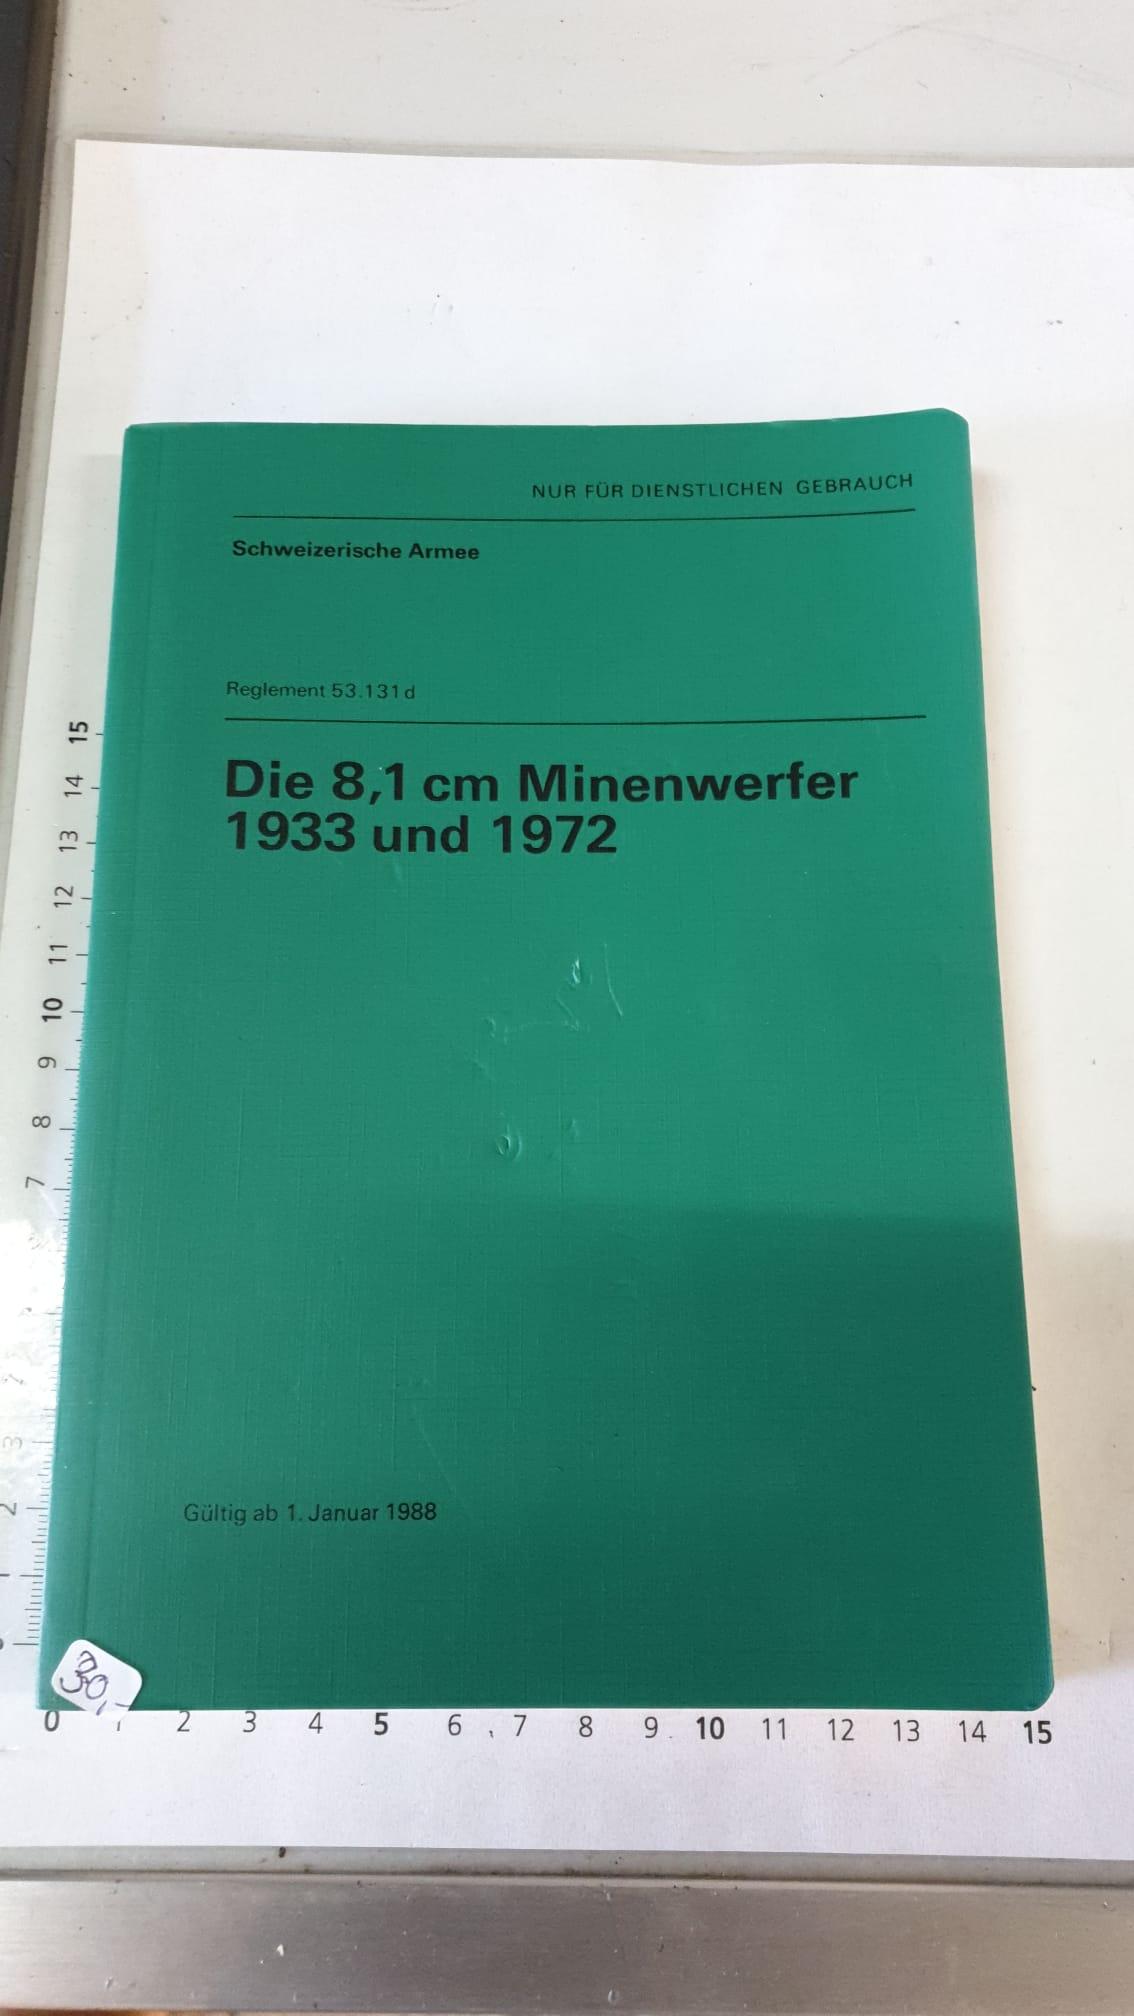 Reglement Ch Armee Die 8 1 Cm Minenwerfer 1933 Und 1972 Zubehor Schweizer Armee Military World Shop Ch